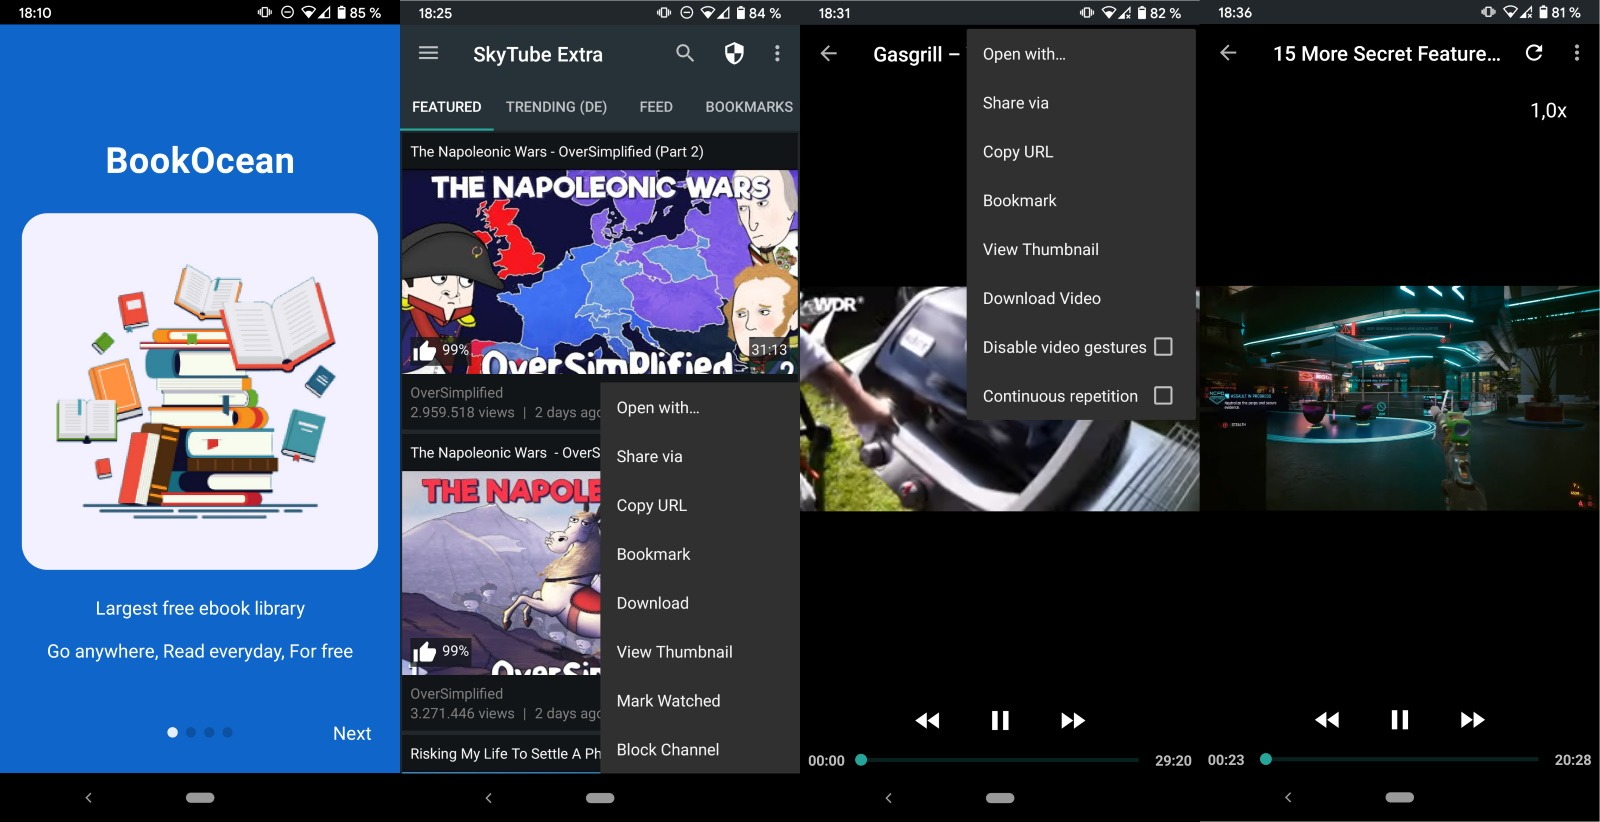 skytube aplicación de youtube android de código abierto